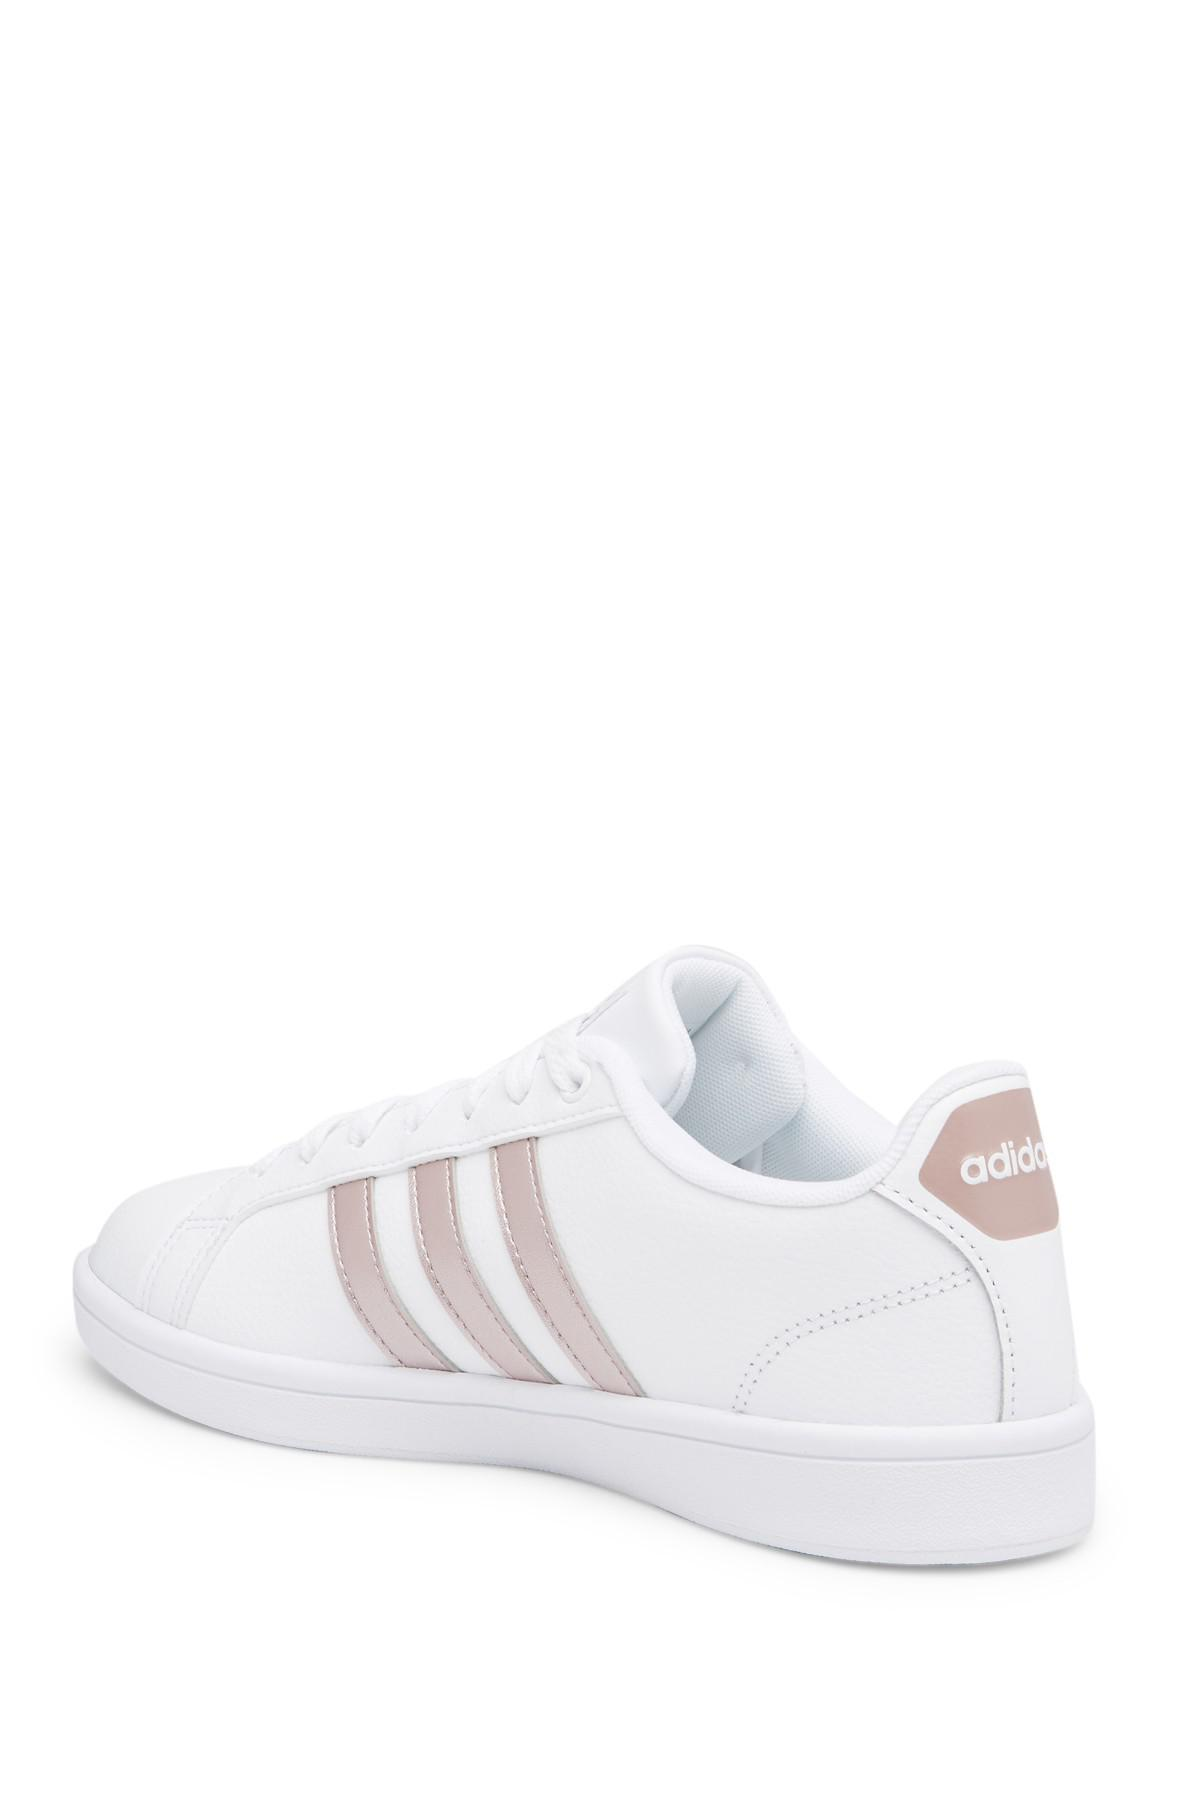 7ba52c814 Adidas - White Cloudfoam Advantage Sneaker - Lyst. View fullscreen